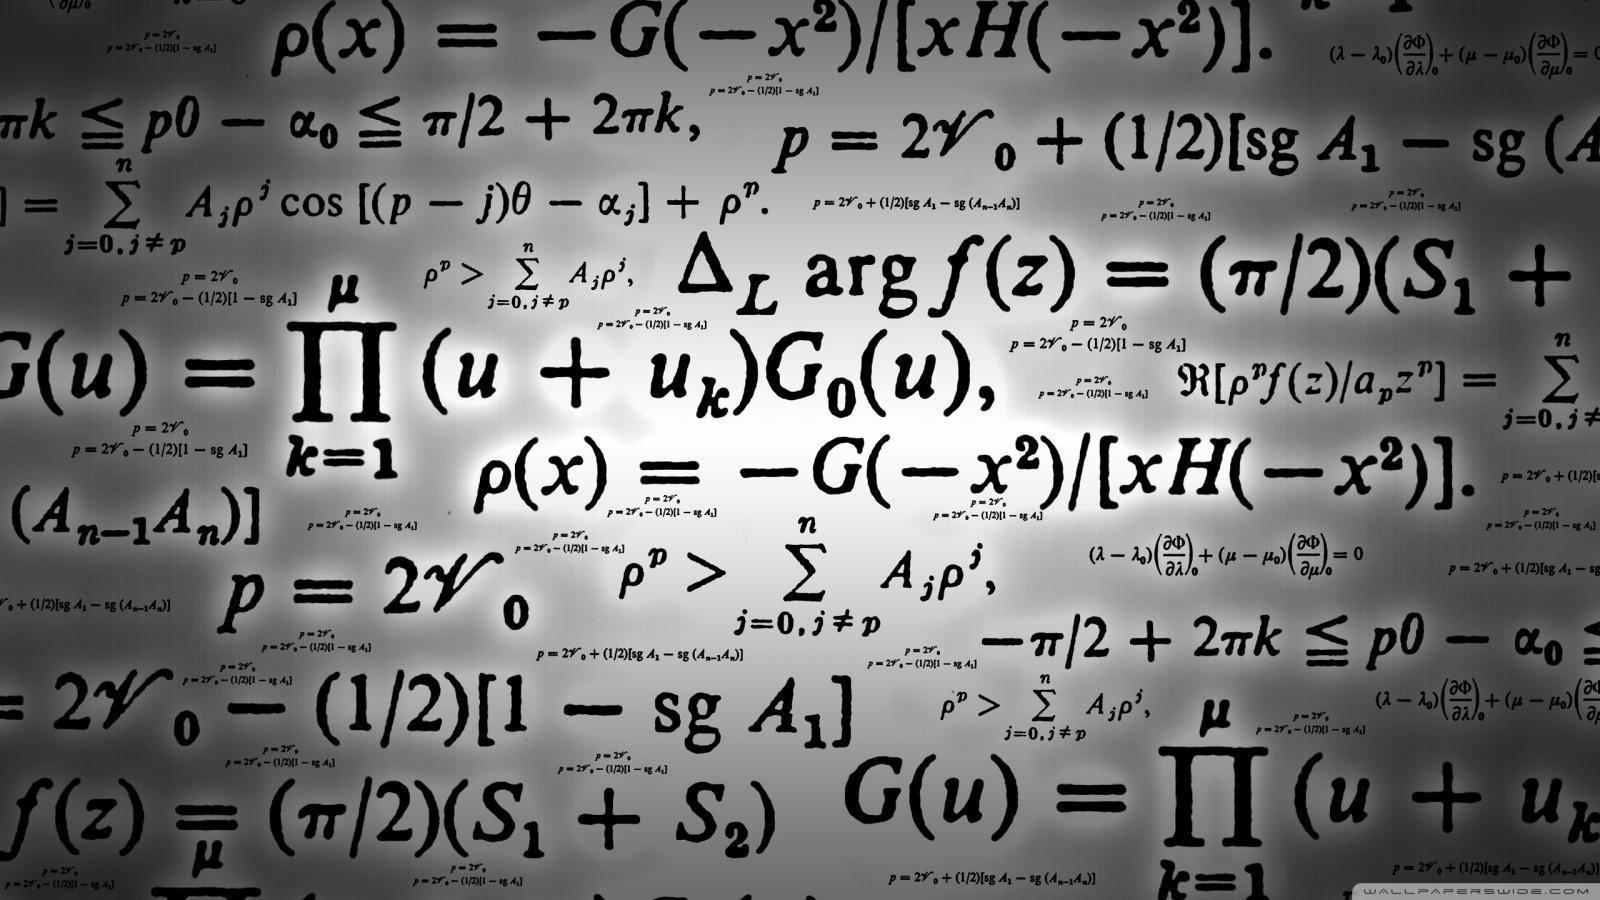 دانلود 10 مقاله جدید و کاربردی در مورد معادله دیفرانسیل ریکاتی